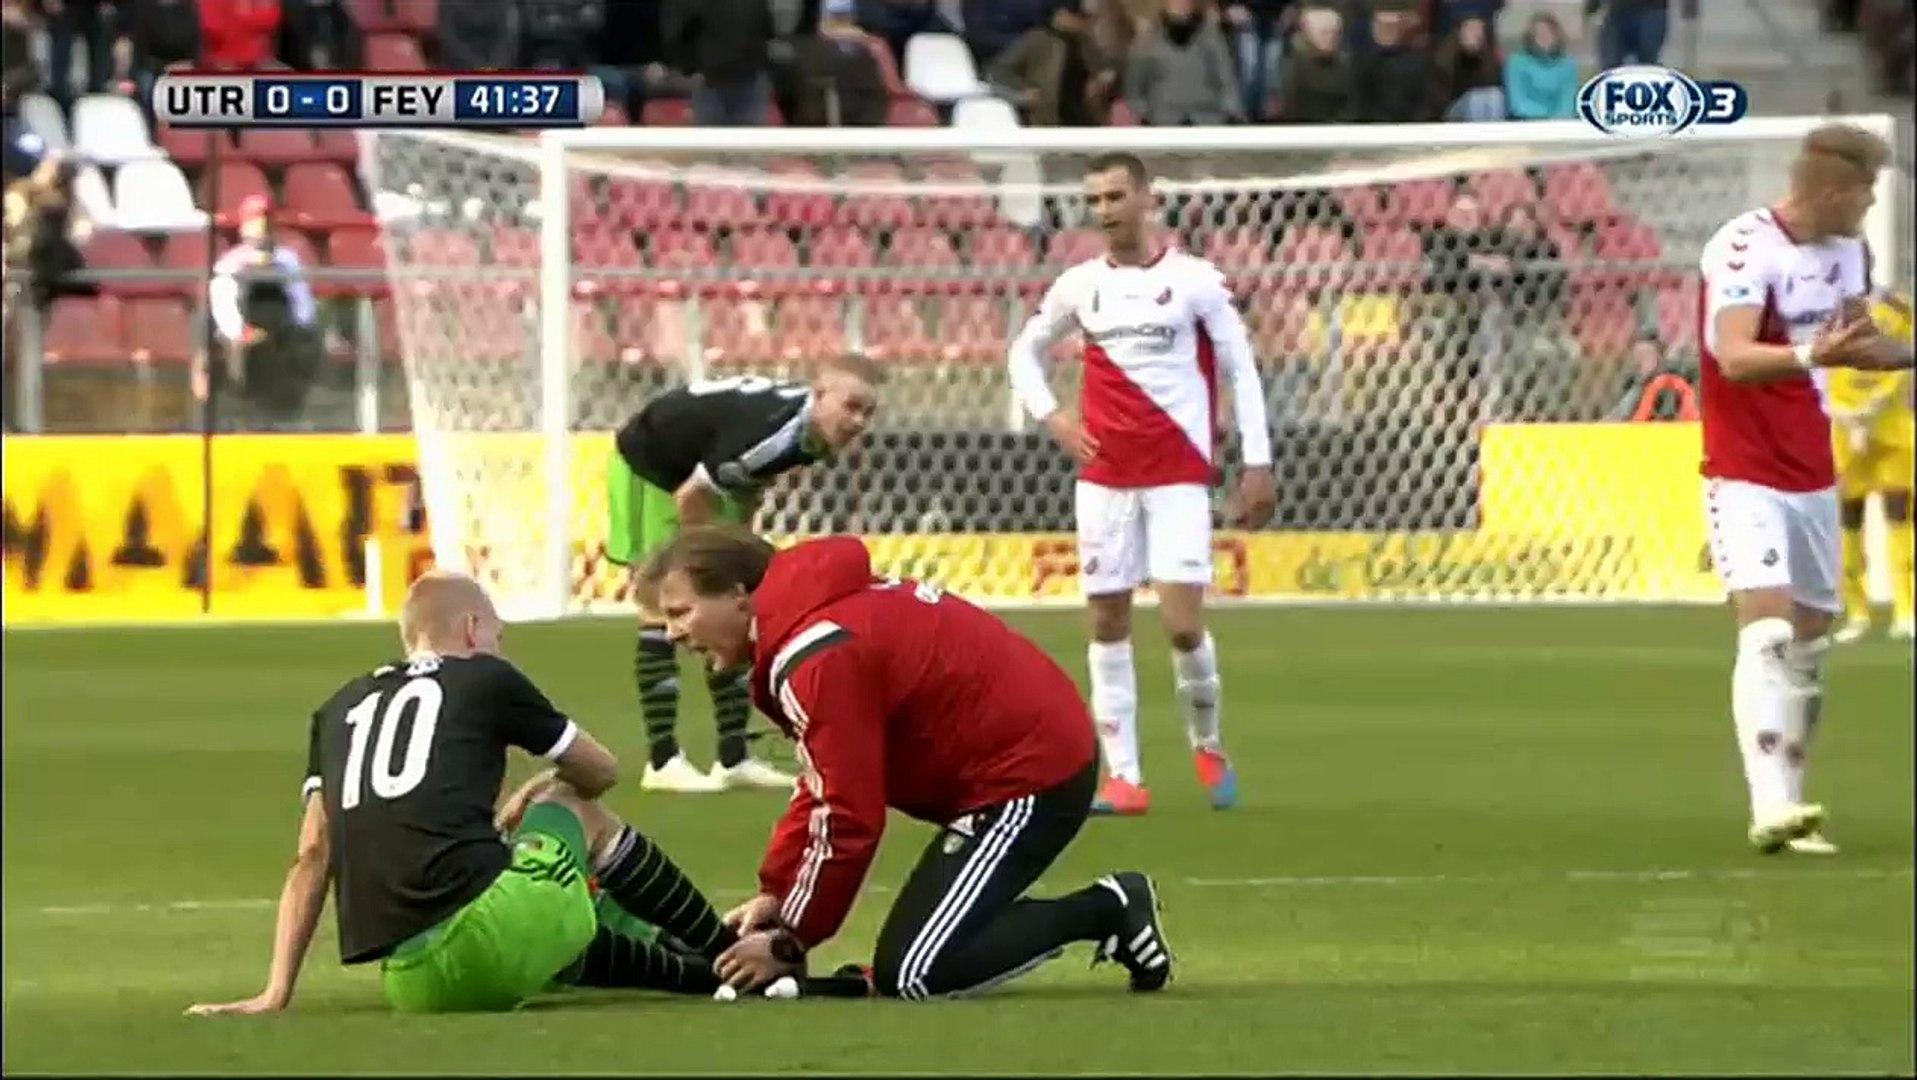 01 03 2015 Fc Utrecht Feyenoord Volledige Wedstrijd Video Dailymotion